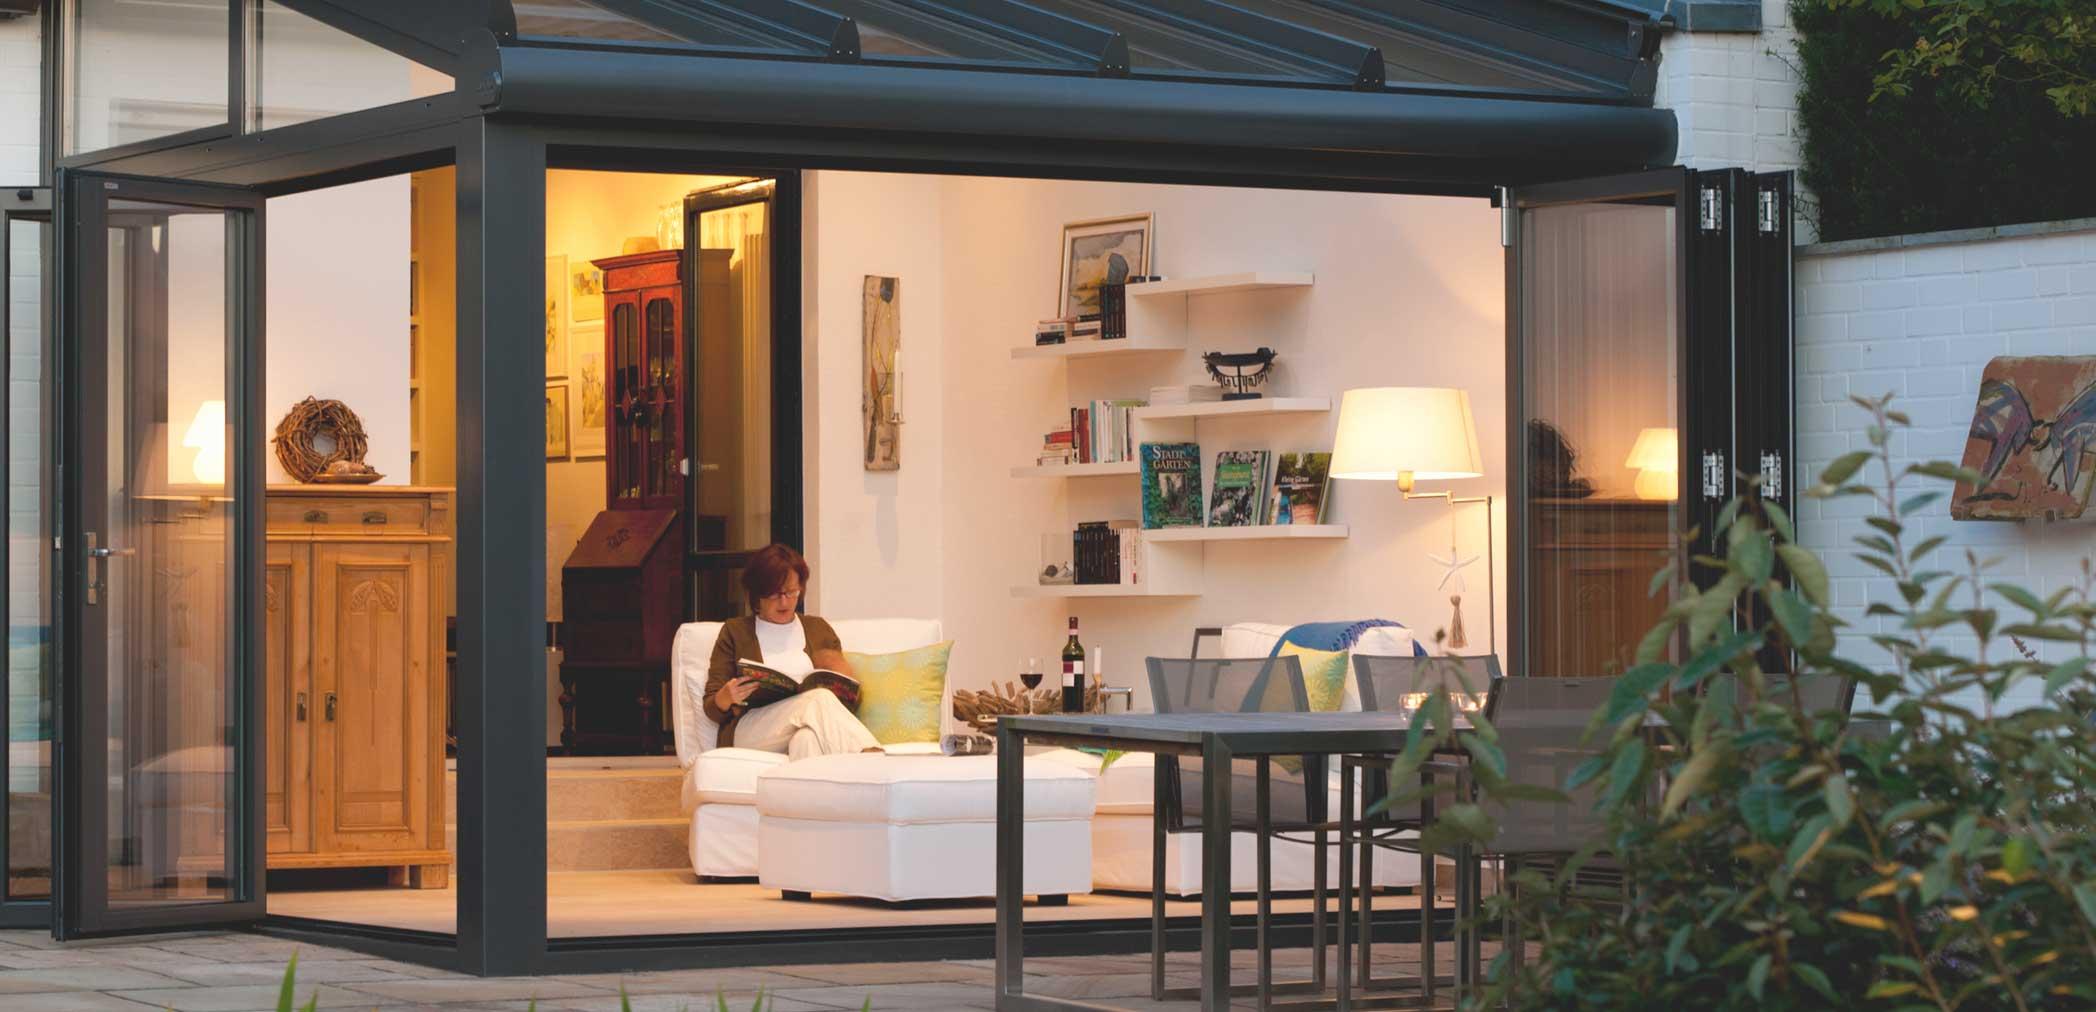 Full Size of Fenster Der Die Das Detail Dwg Autocad Deutschland Schnitt Pdf Schweiz Deko Grundriss Rostocker Und Trenfabrik Gmbh Startseite Fenster Fenster.de